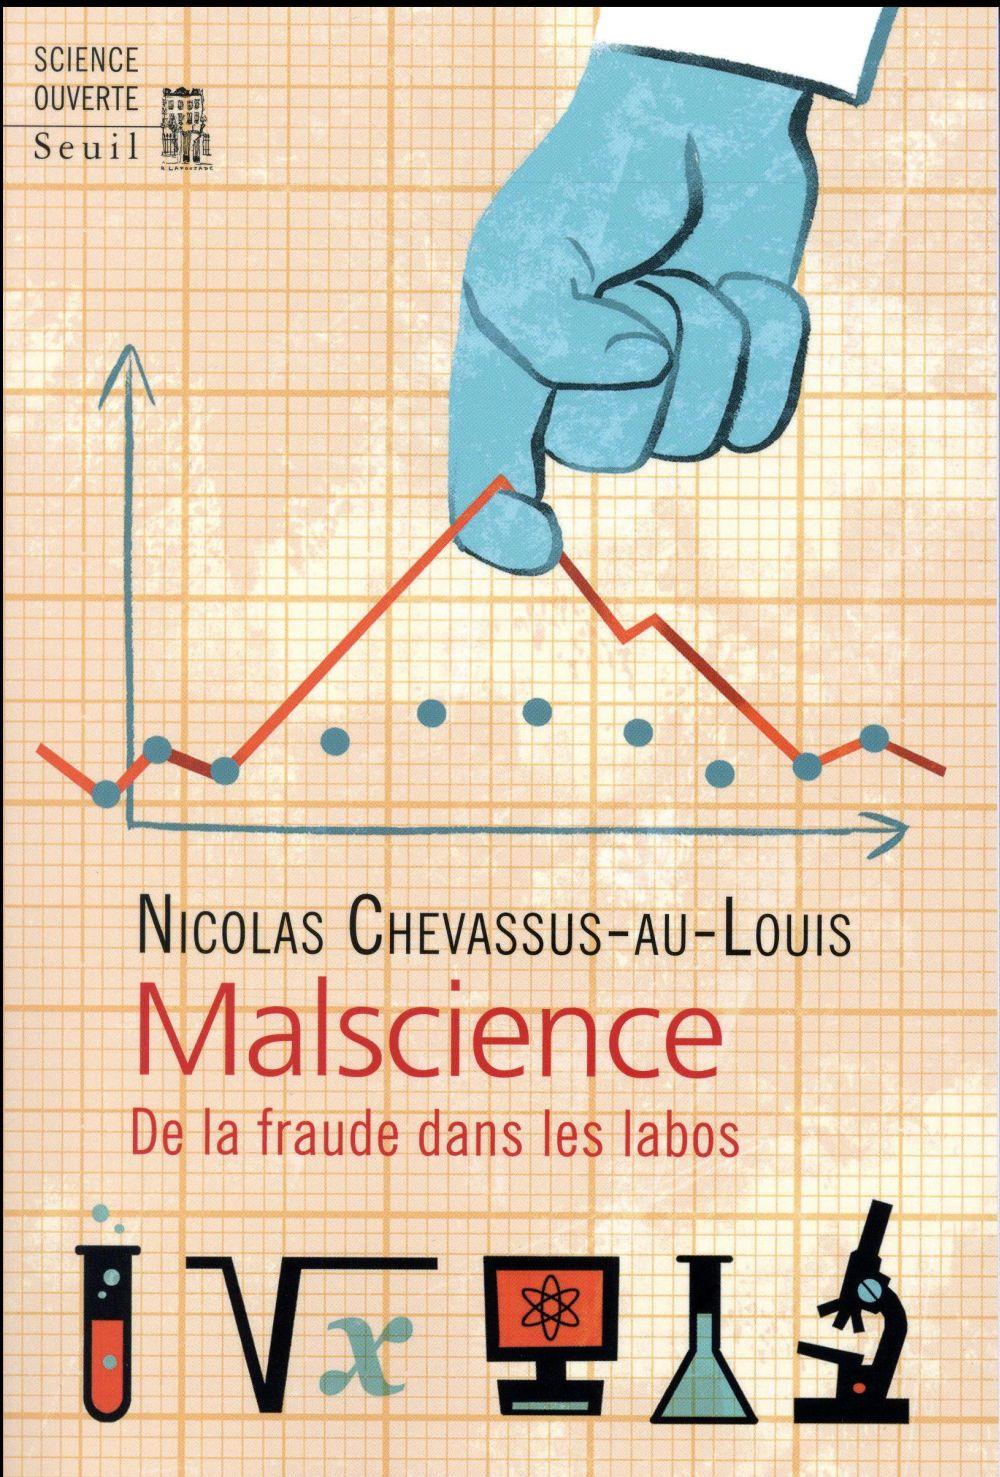 Malscience ; de la fraude dans les labos